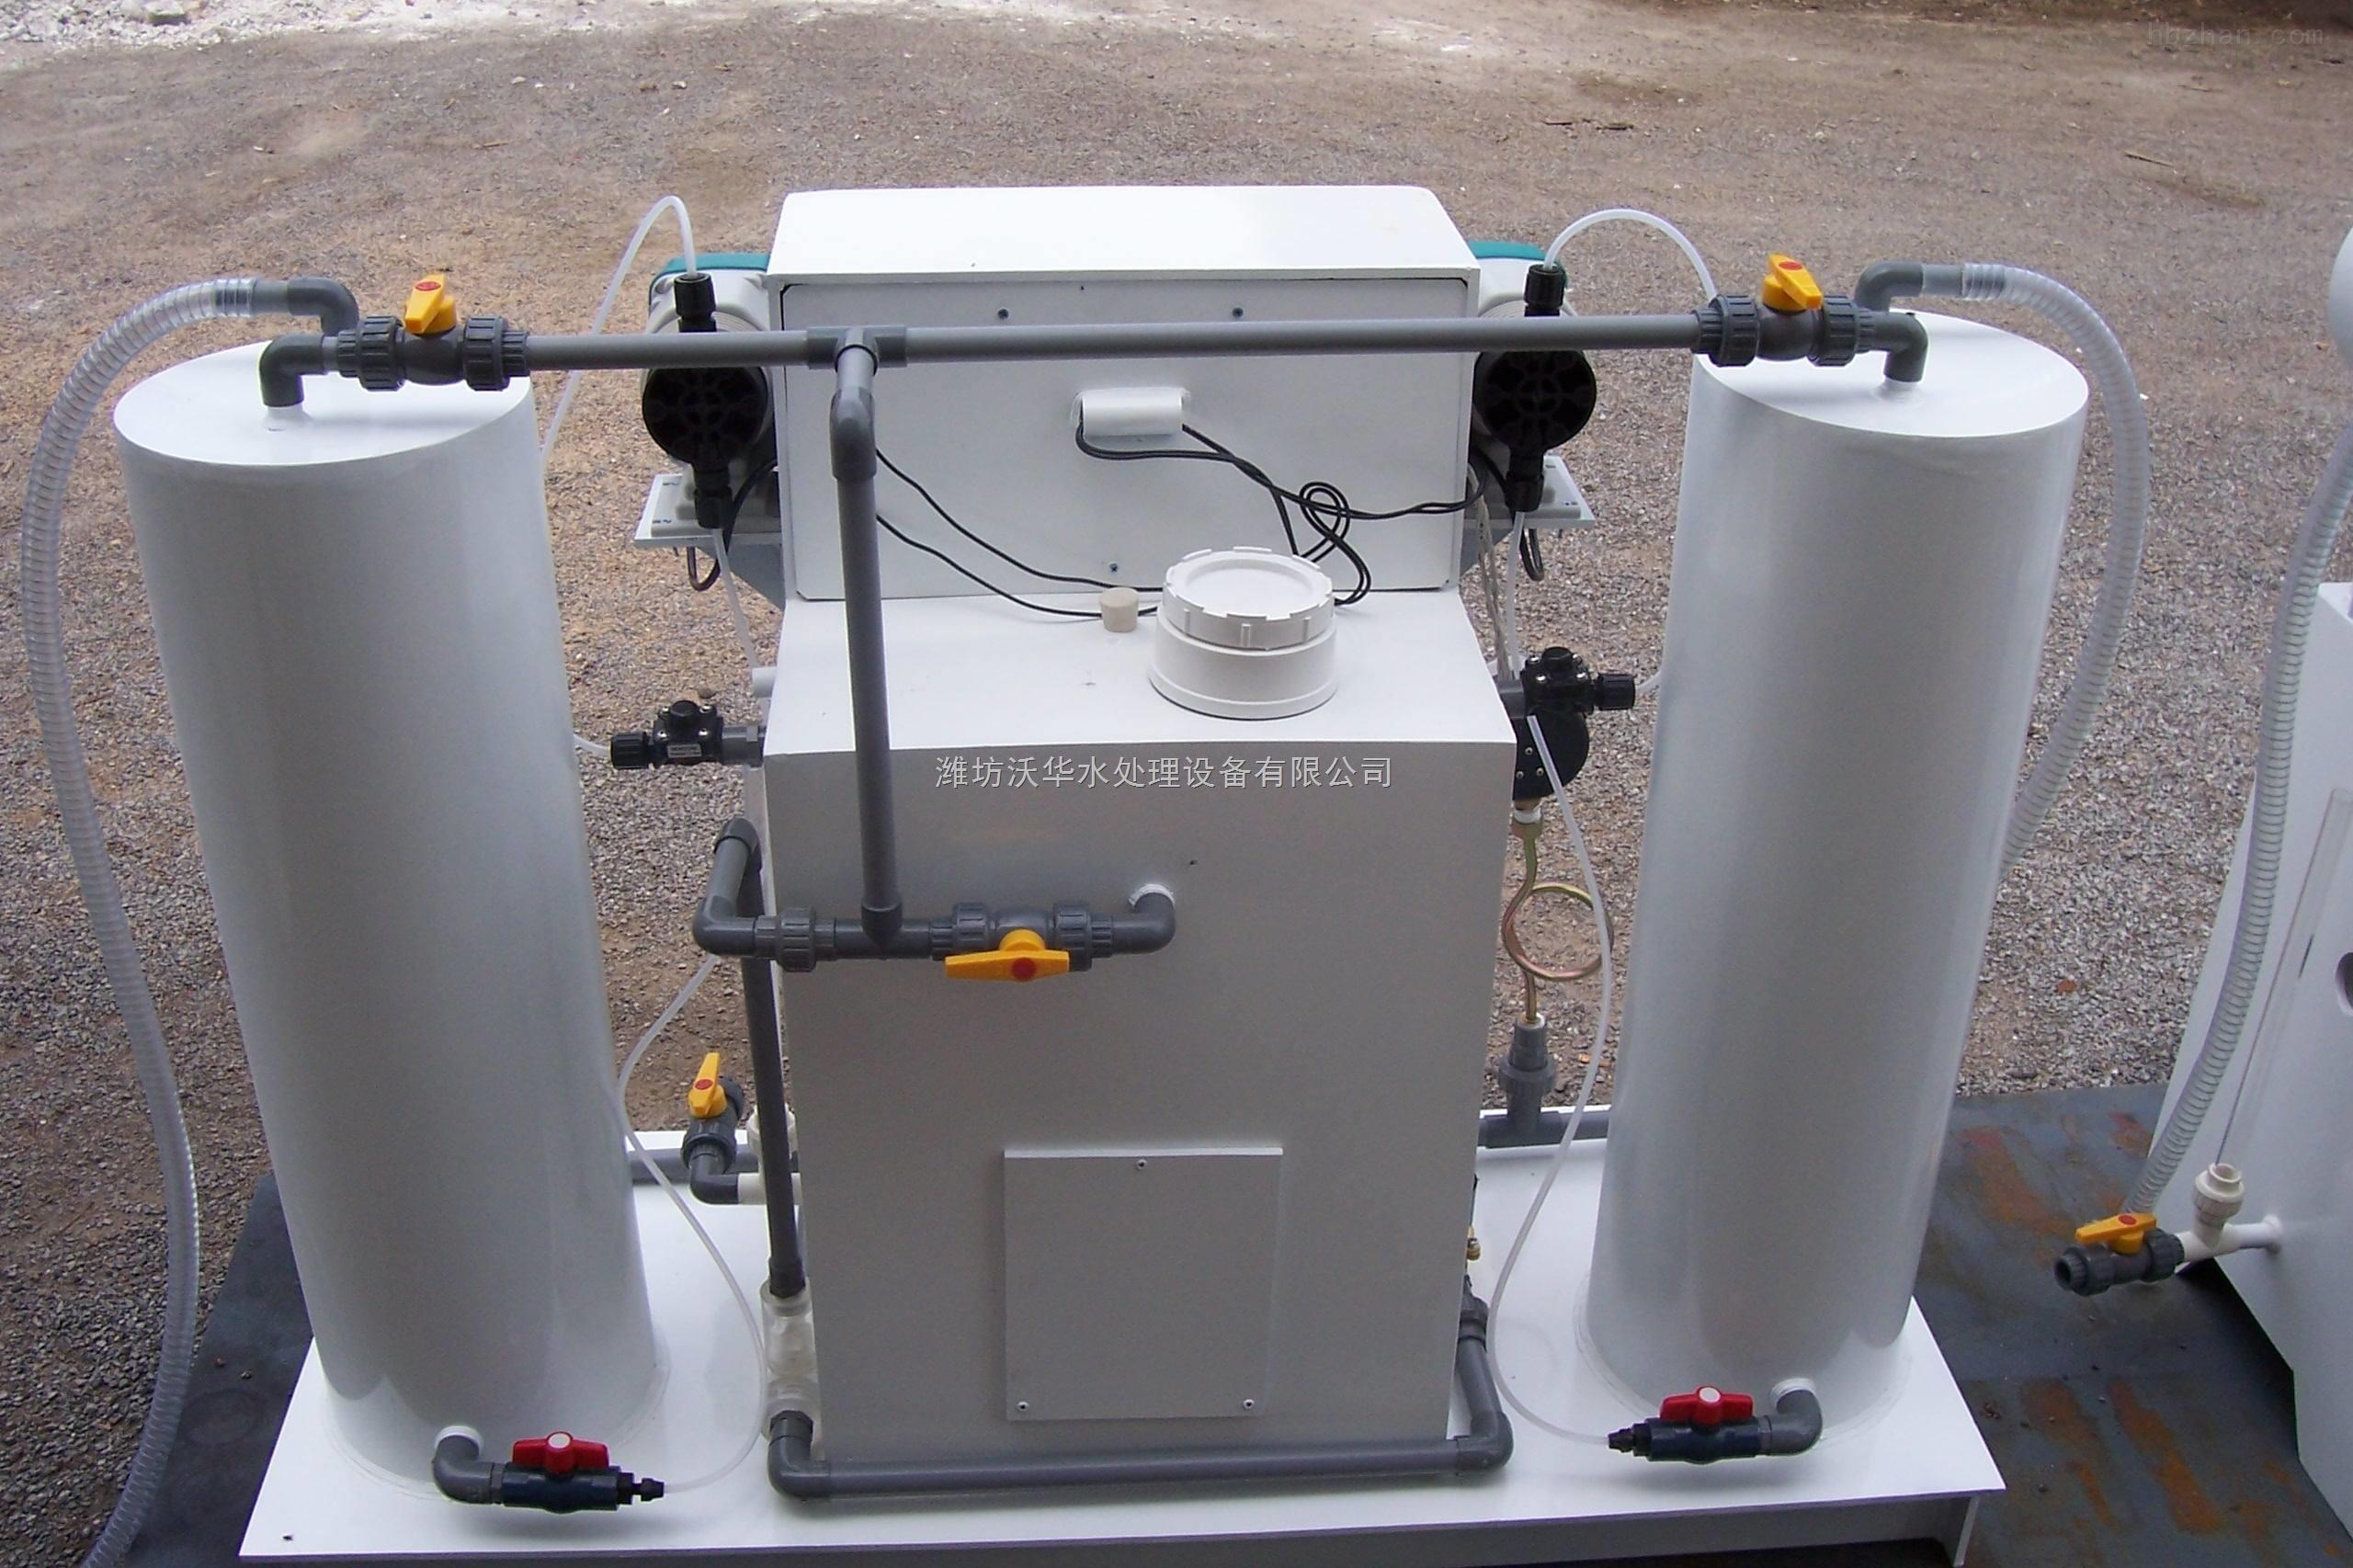 疗养院/养老院污水处理设备